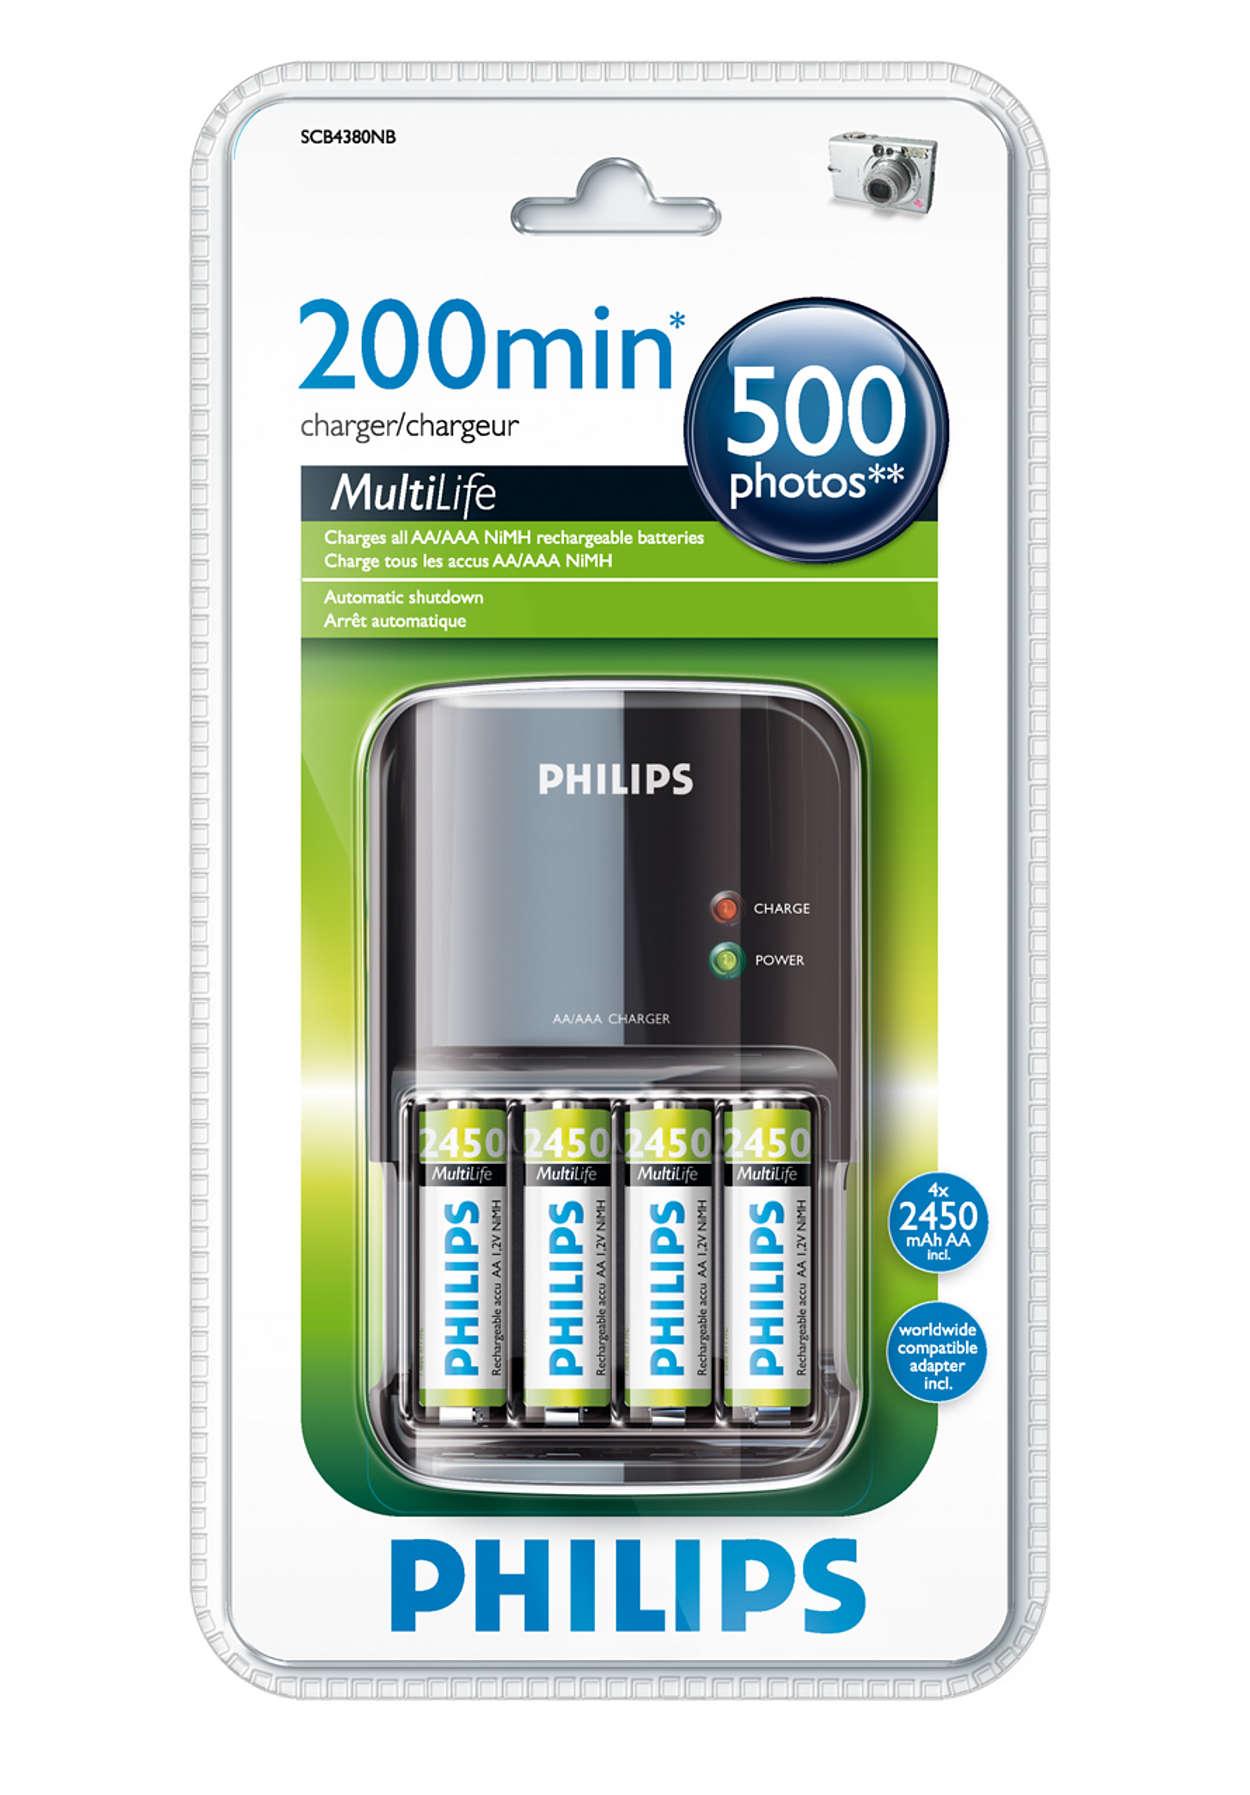 Carrega completamente as suas pilhas num máximo de 200 minutos